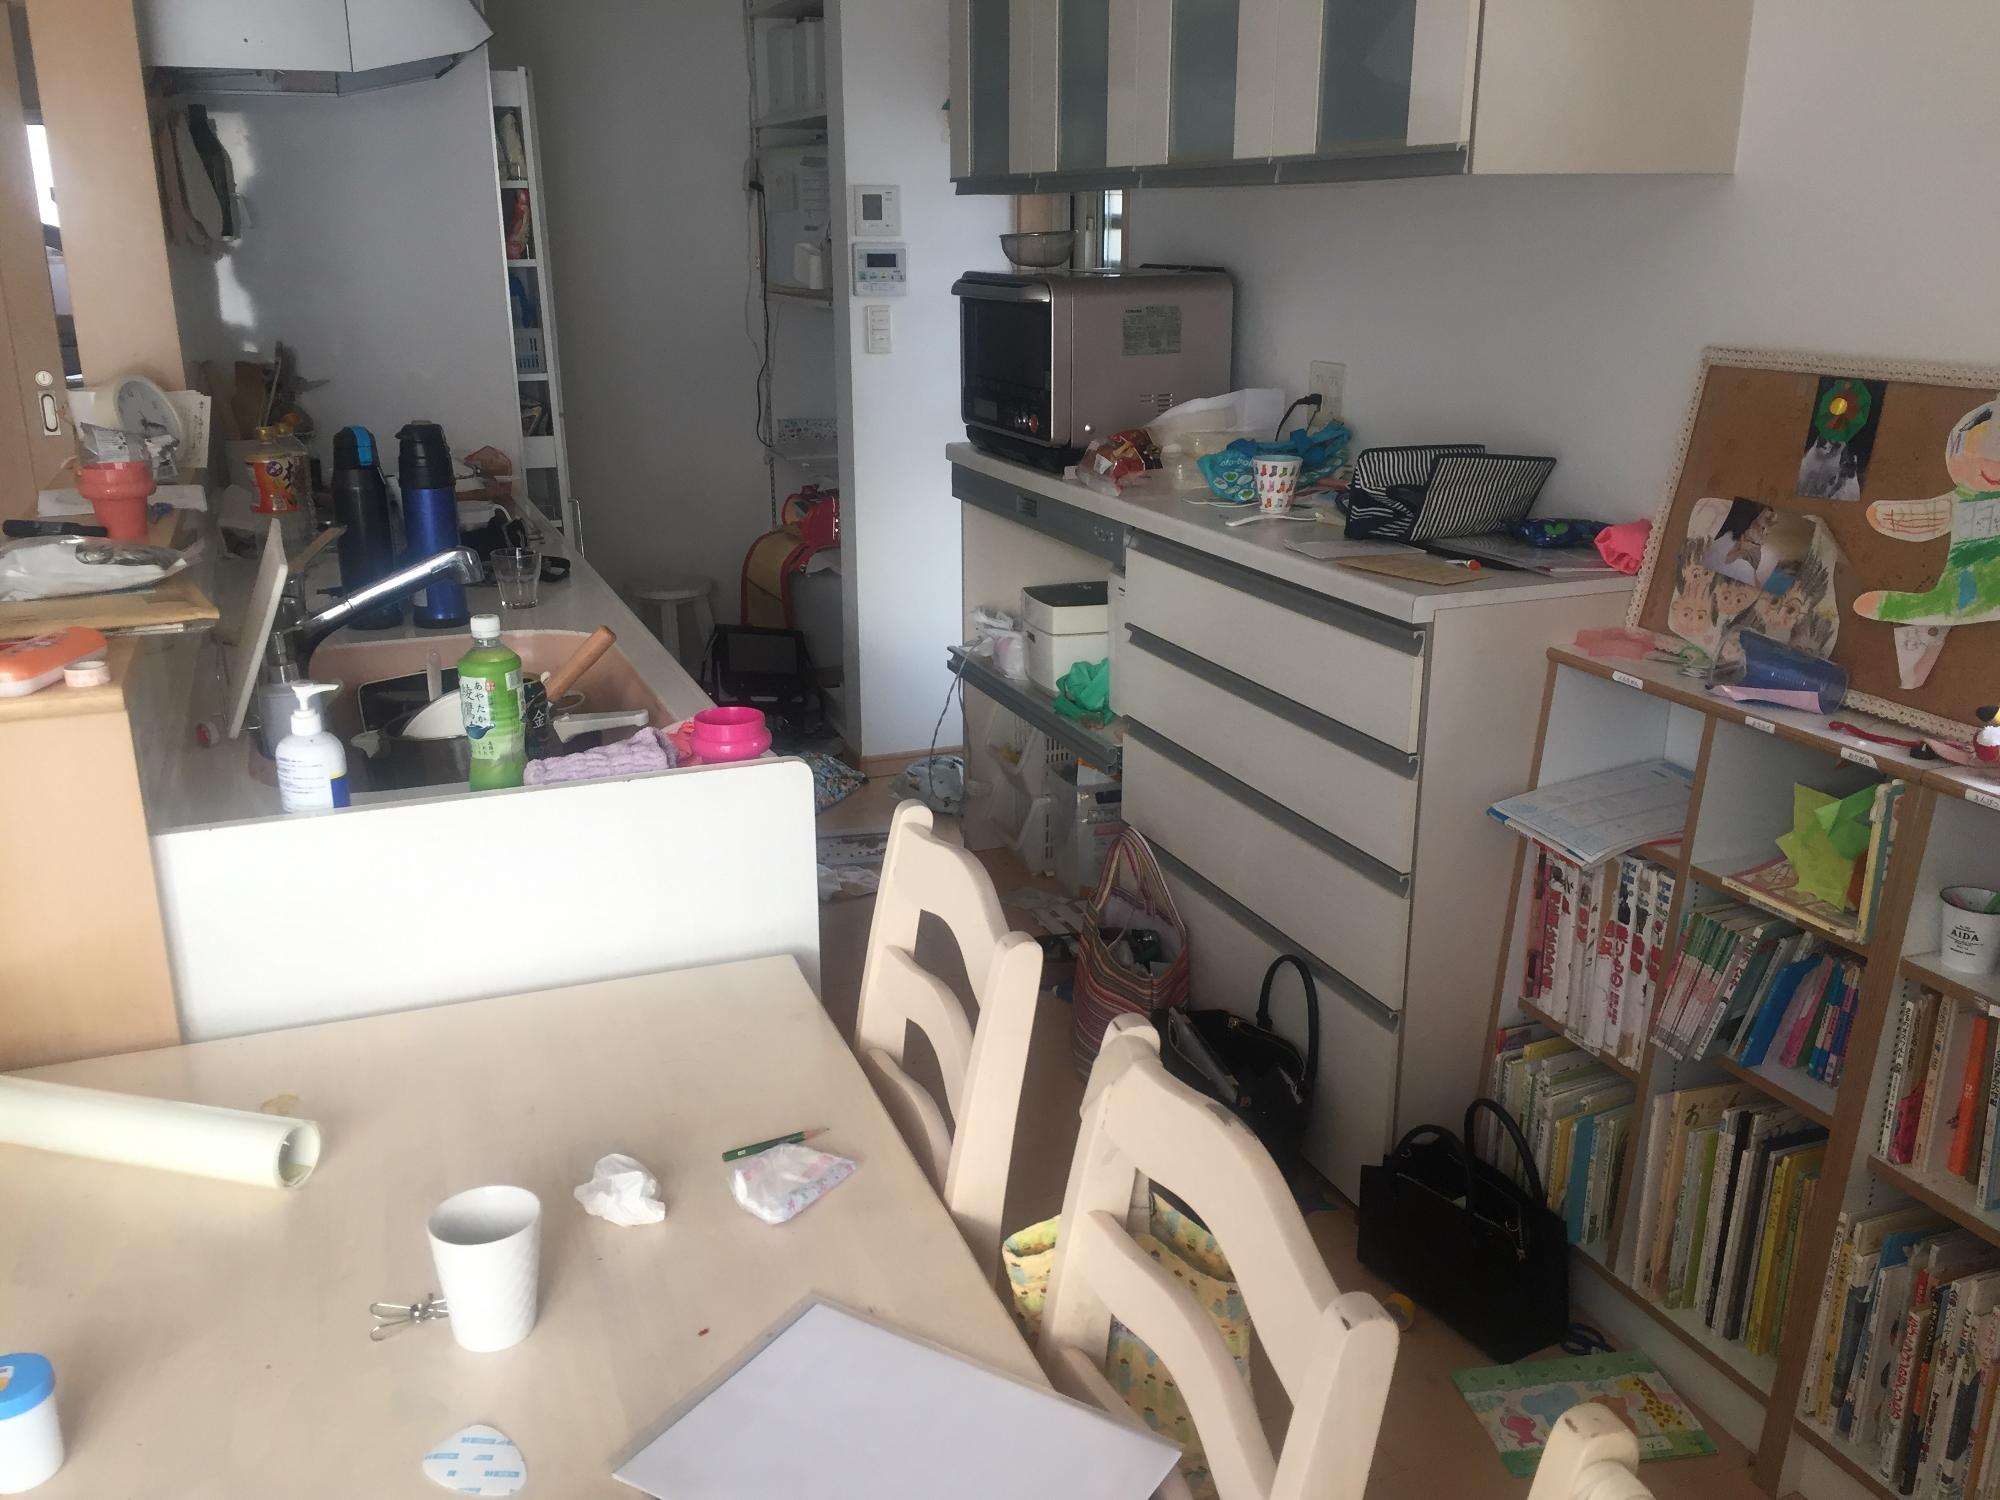 片づけに疲れてしまったときのキッチンの様子